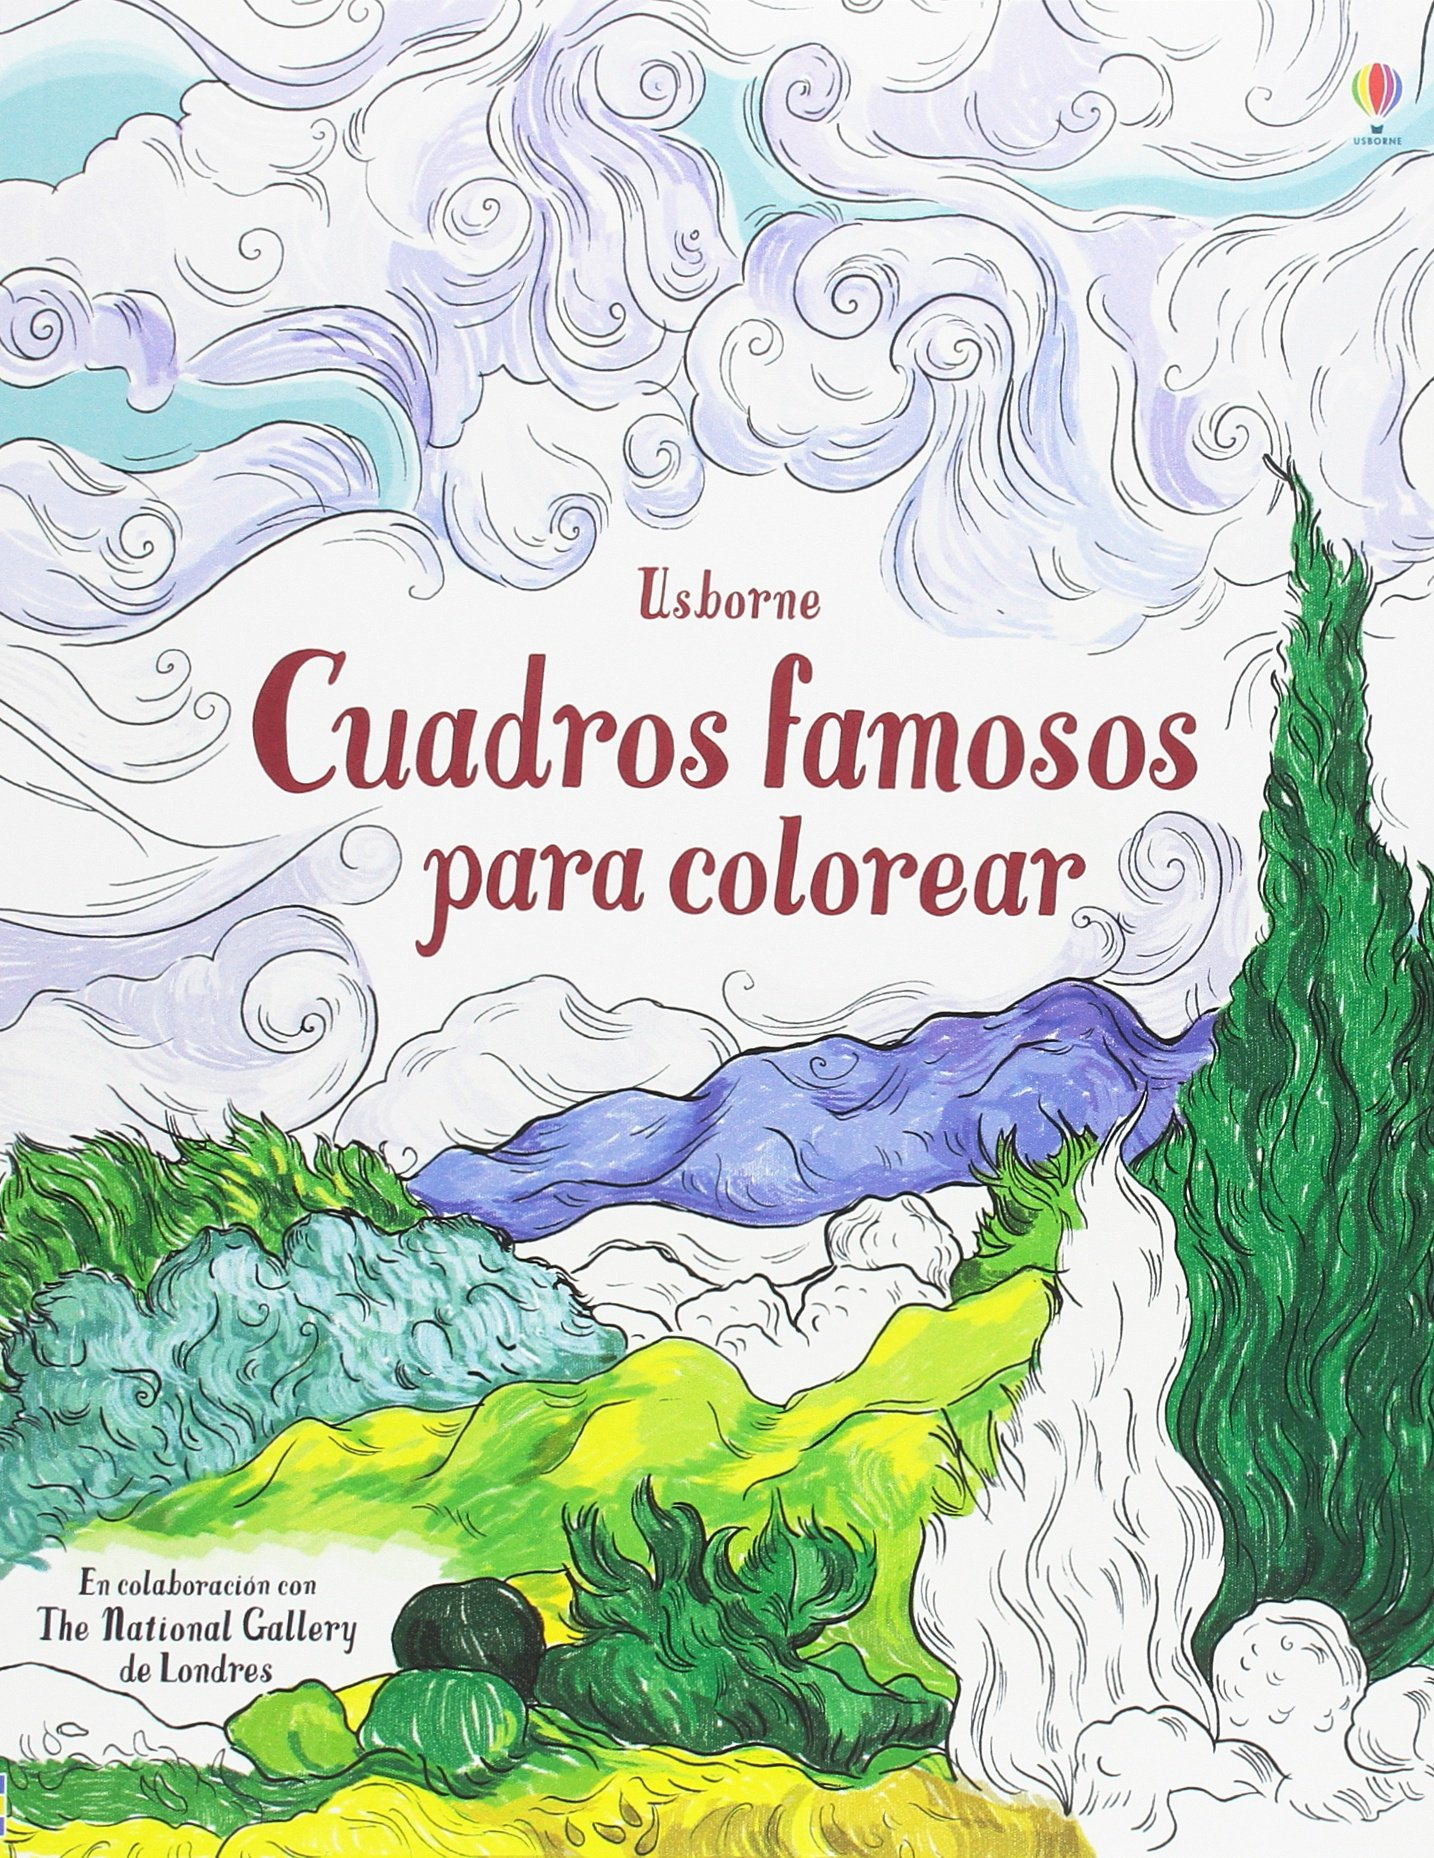 Cuadros famosos para colorear: Amazon.es: Susan Meredith, Susan Meredith: Libros